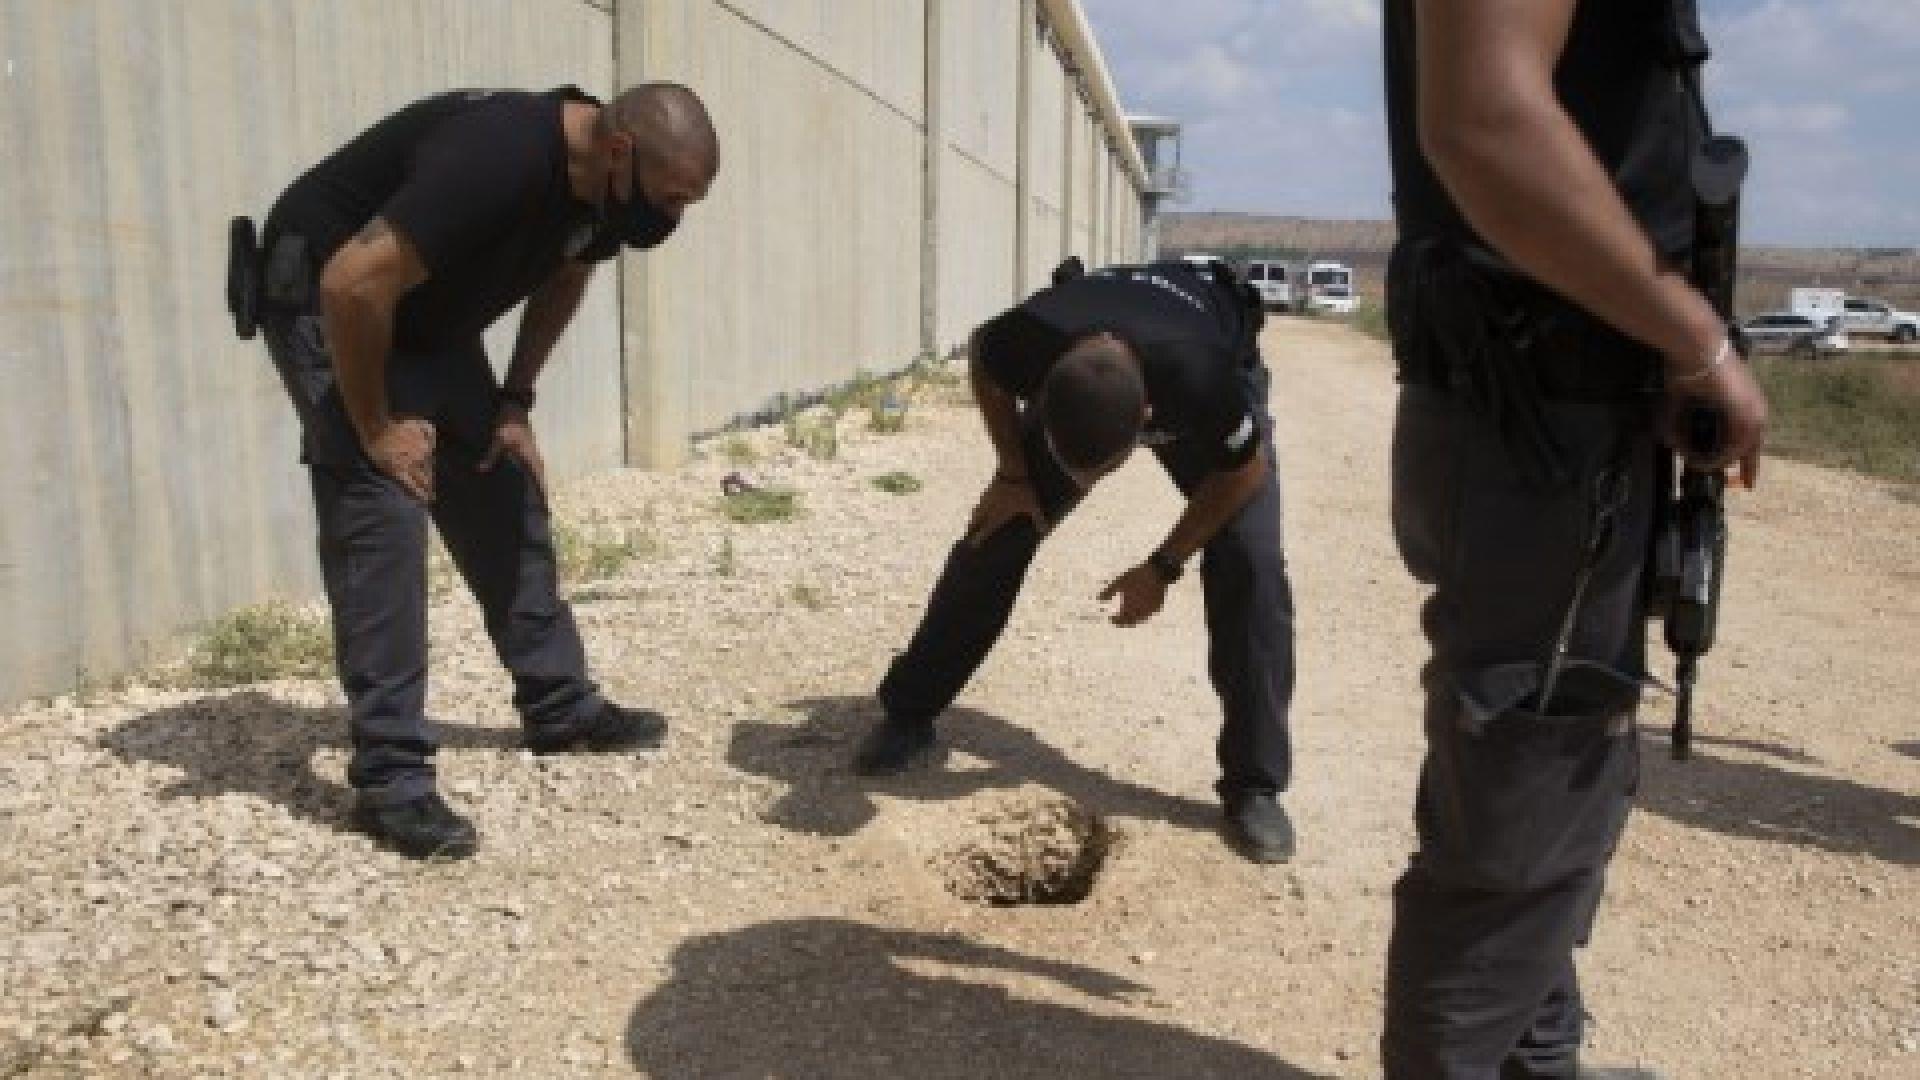 Полицаи оглеждат мястото на бягството извън затвора Гилбоа в Северен Израел, понеделник, 6 септември 2021 г.